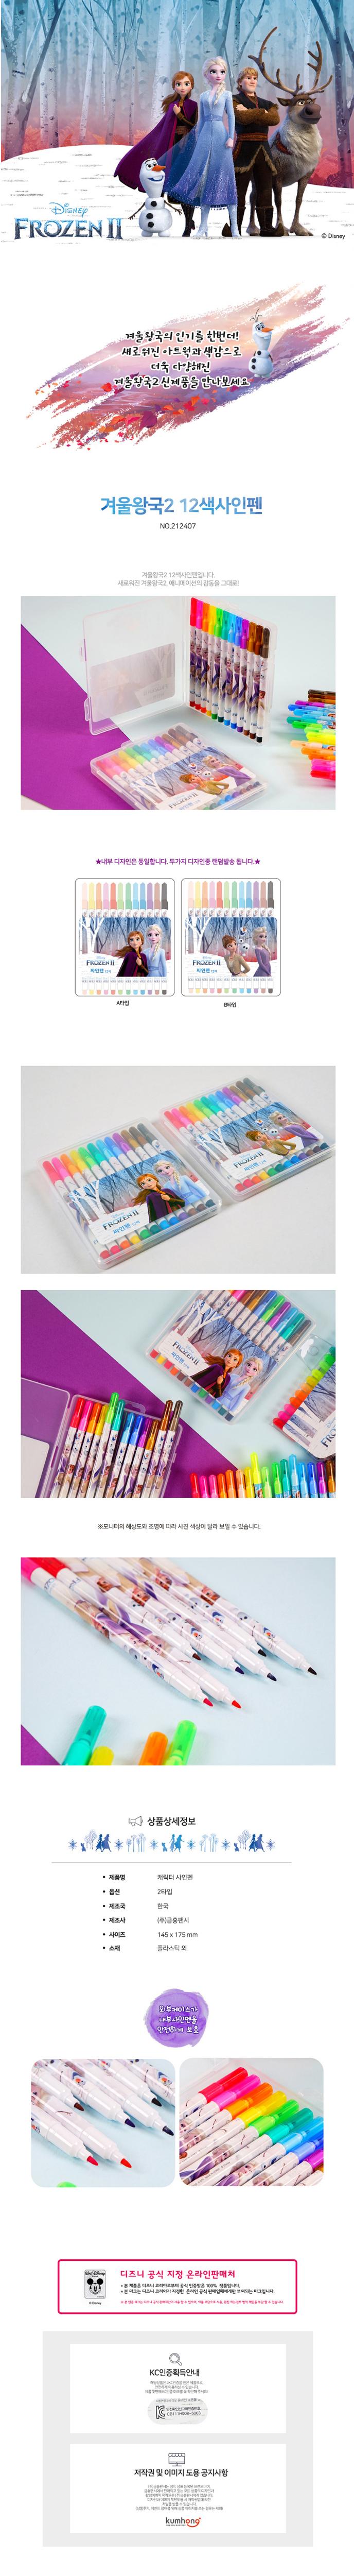 겨울왕국2 12색 싸인펜 - 우리아트, 4,500원, 색연필/사인펜/크레파스, 사인펜